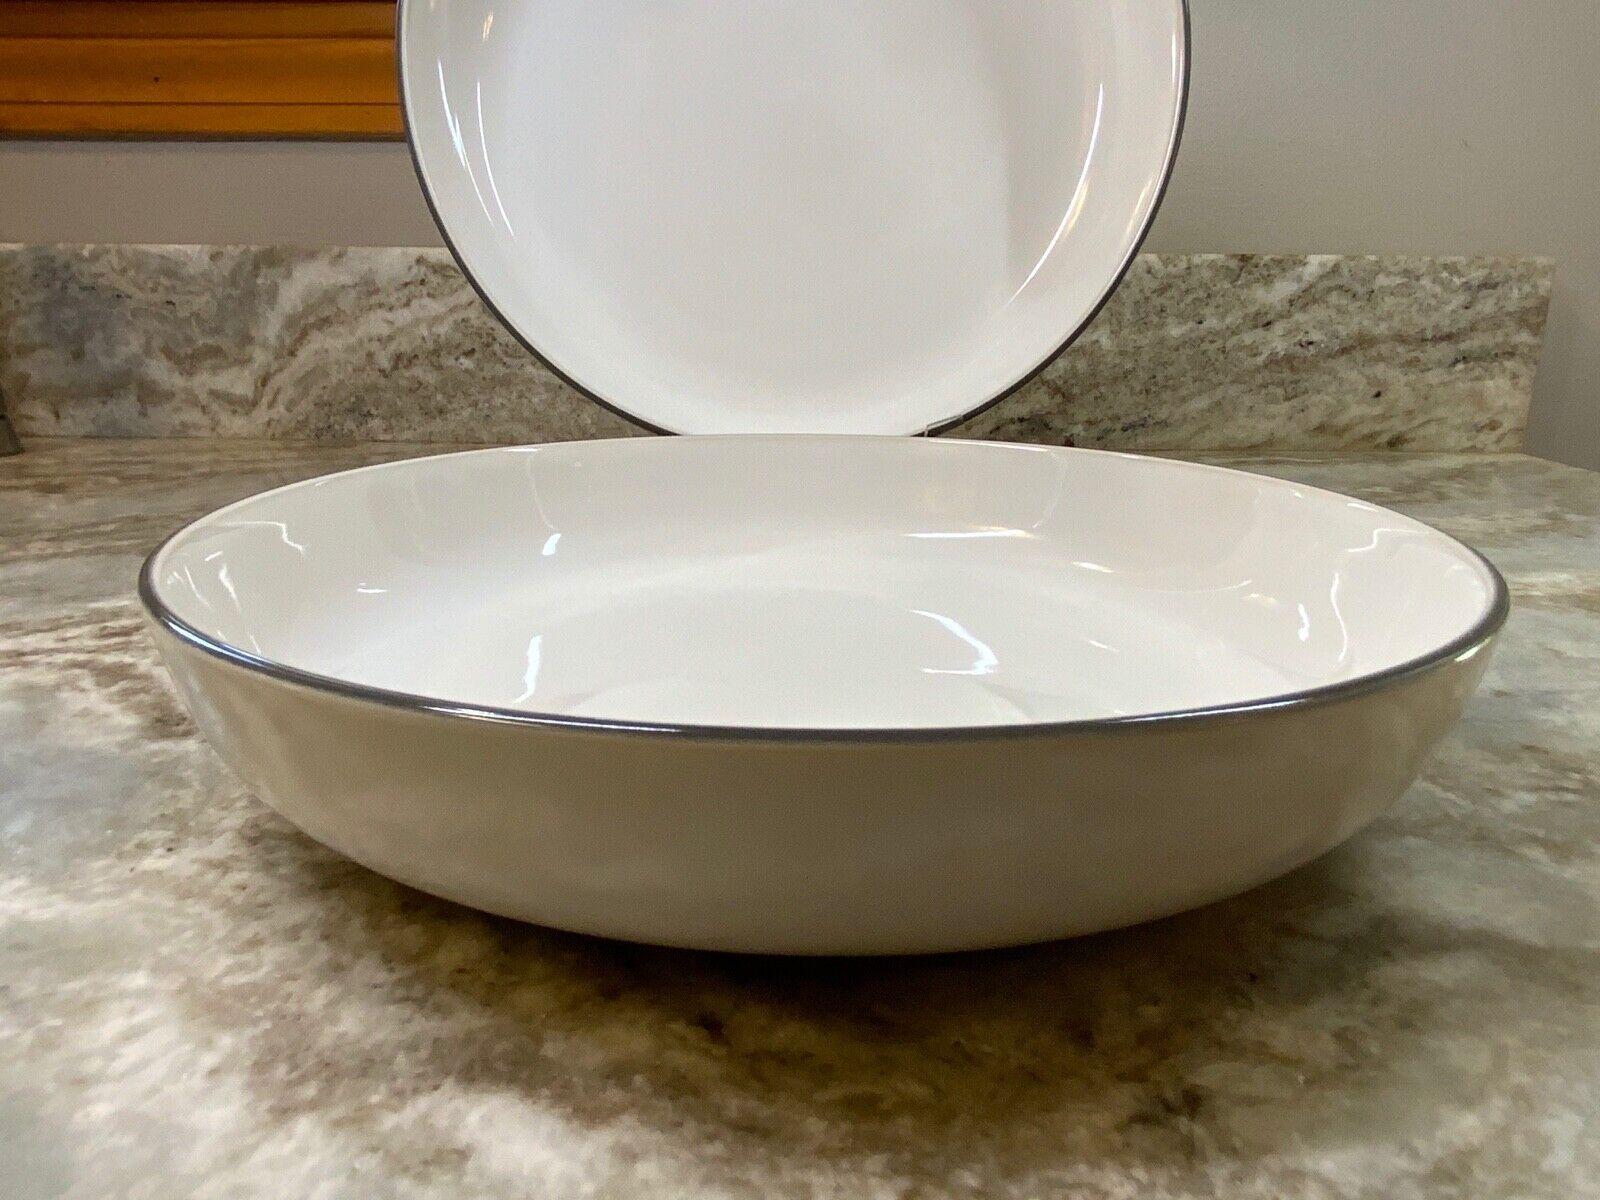 NEW Royal Doulton Gordon Ramsay Bread Street White Pasta Bowl